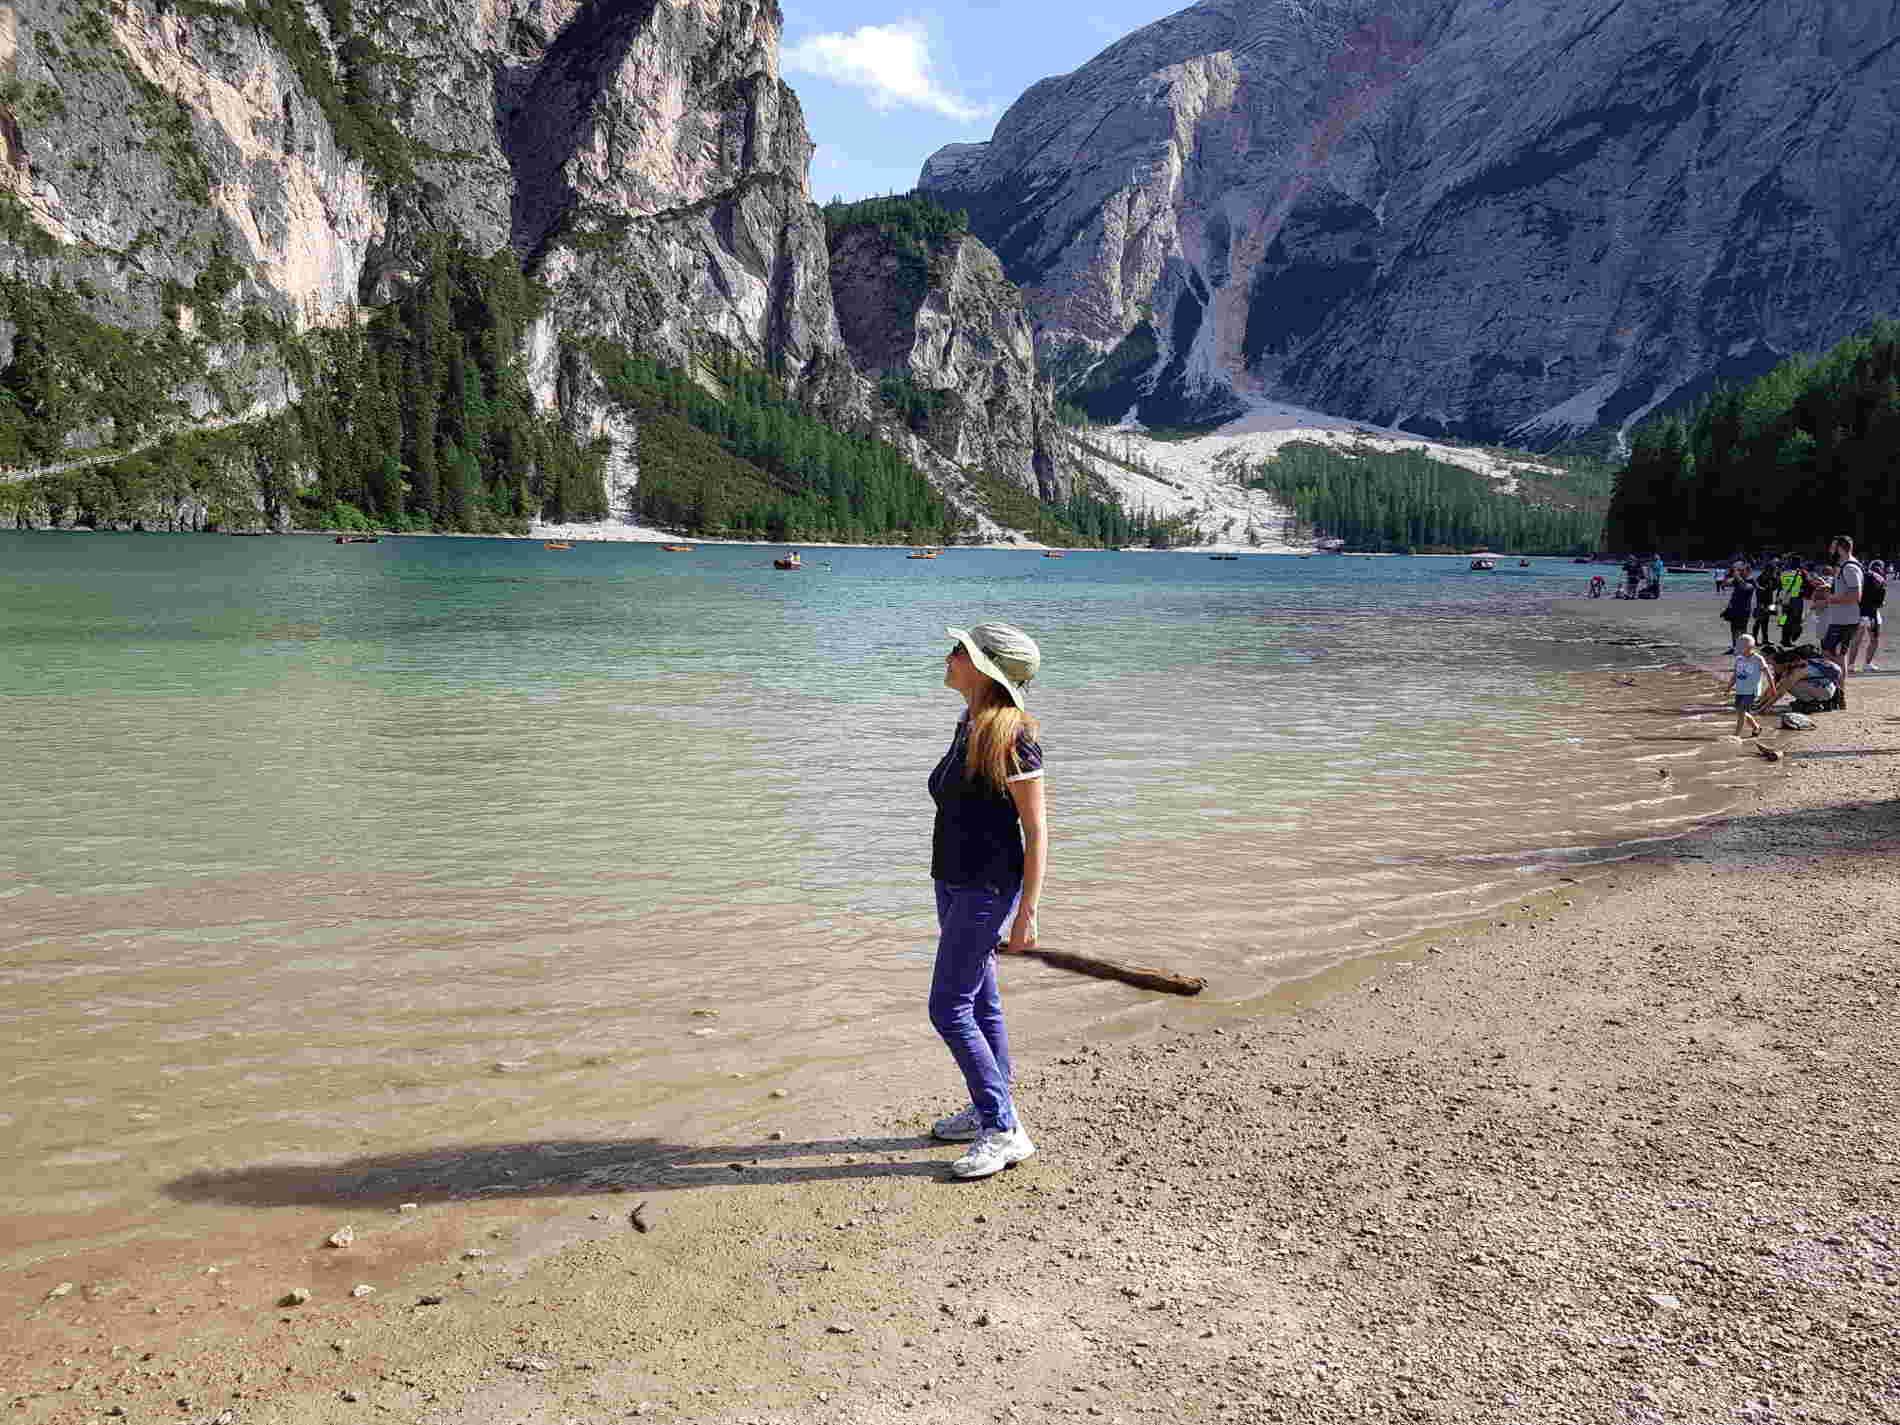 spuntidiviaggio sul Lago di Braies in Val Pusteria